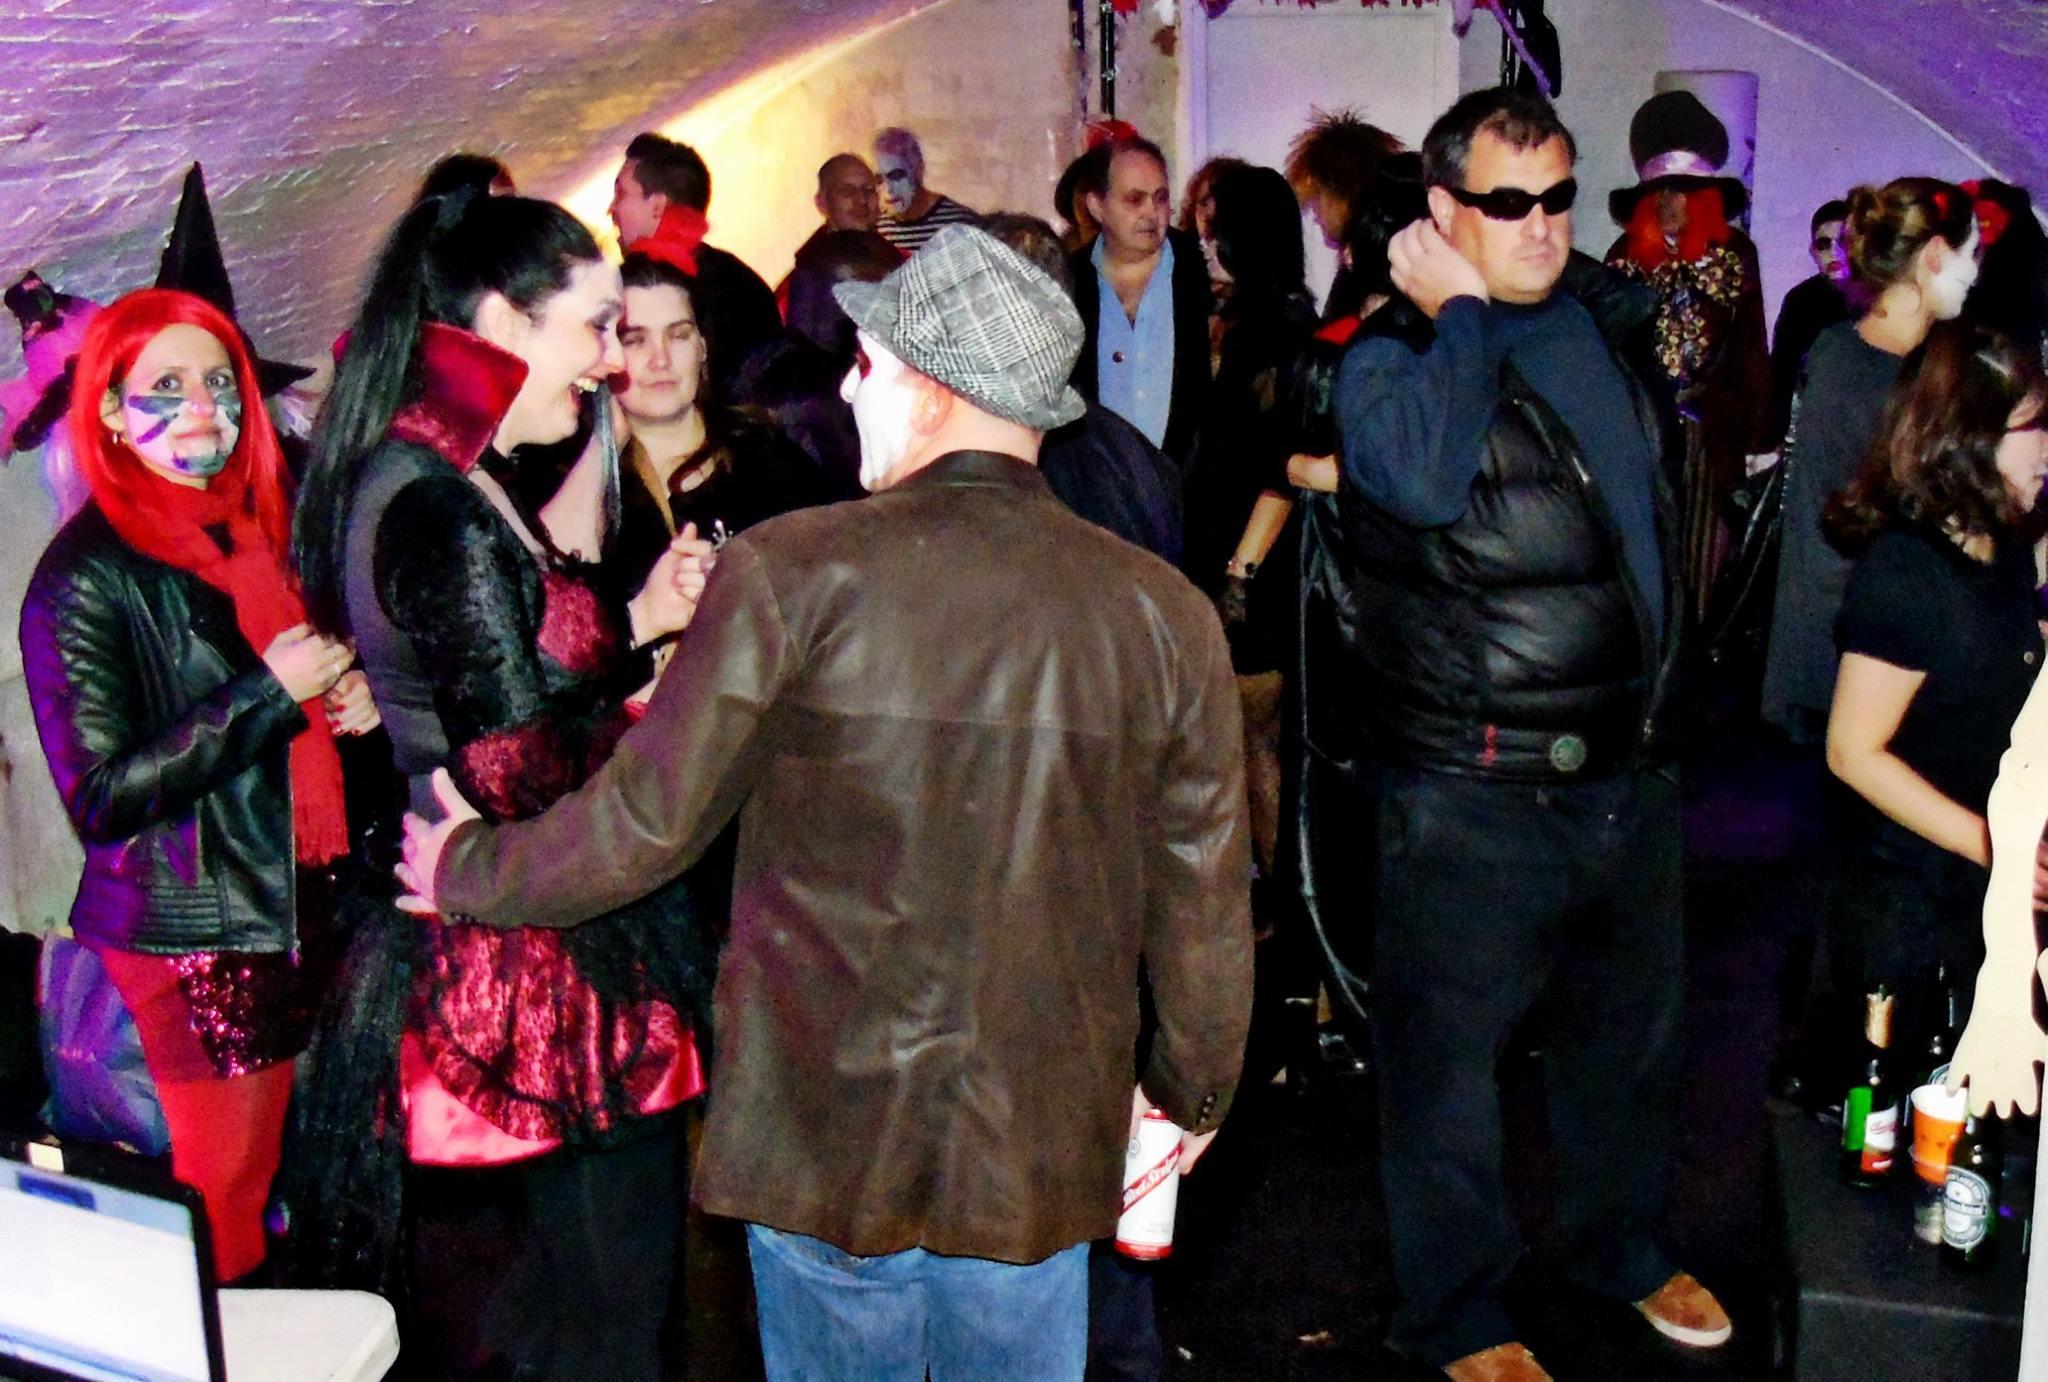 Halloween Dancing crowd